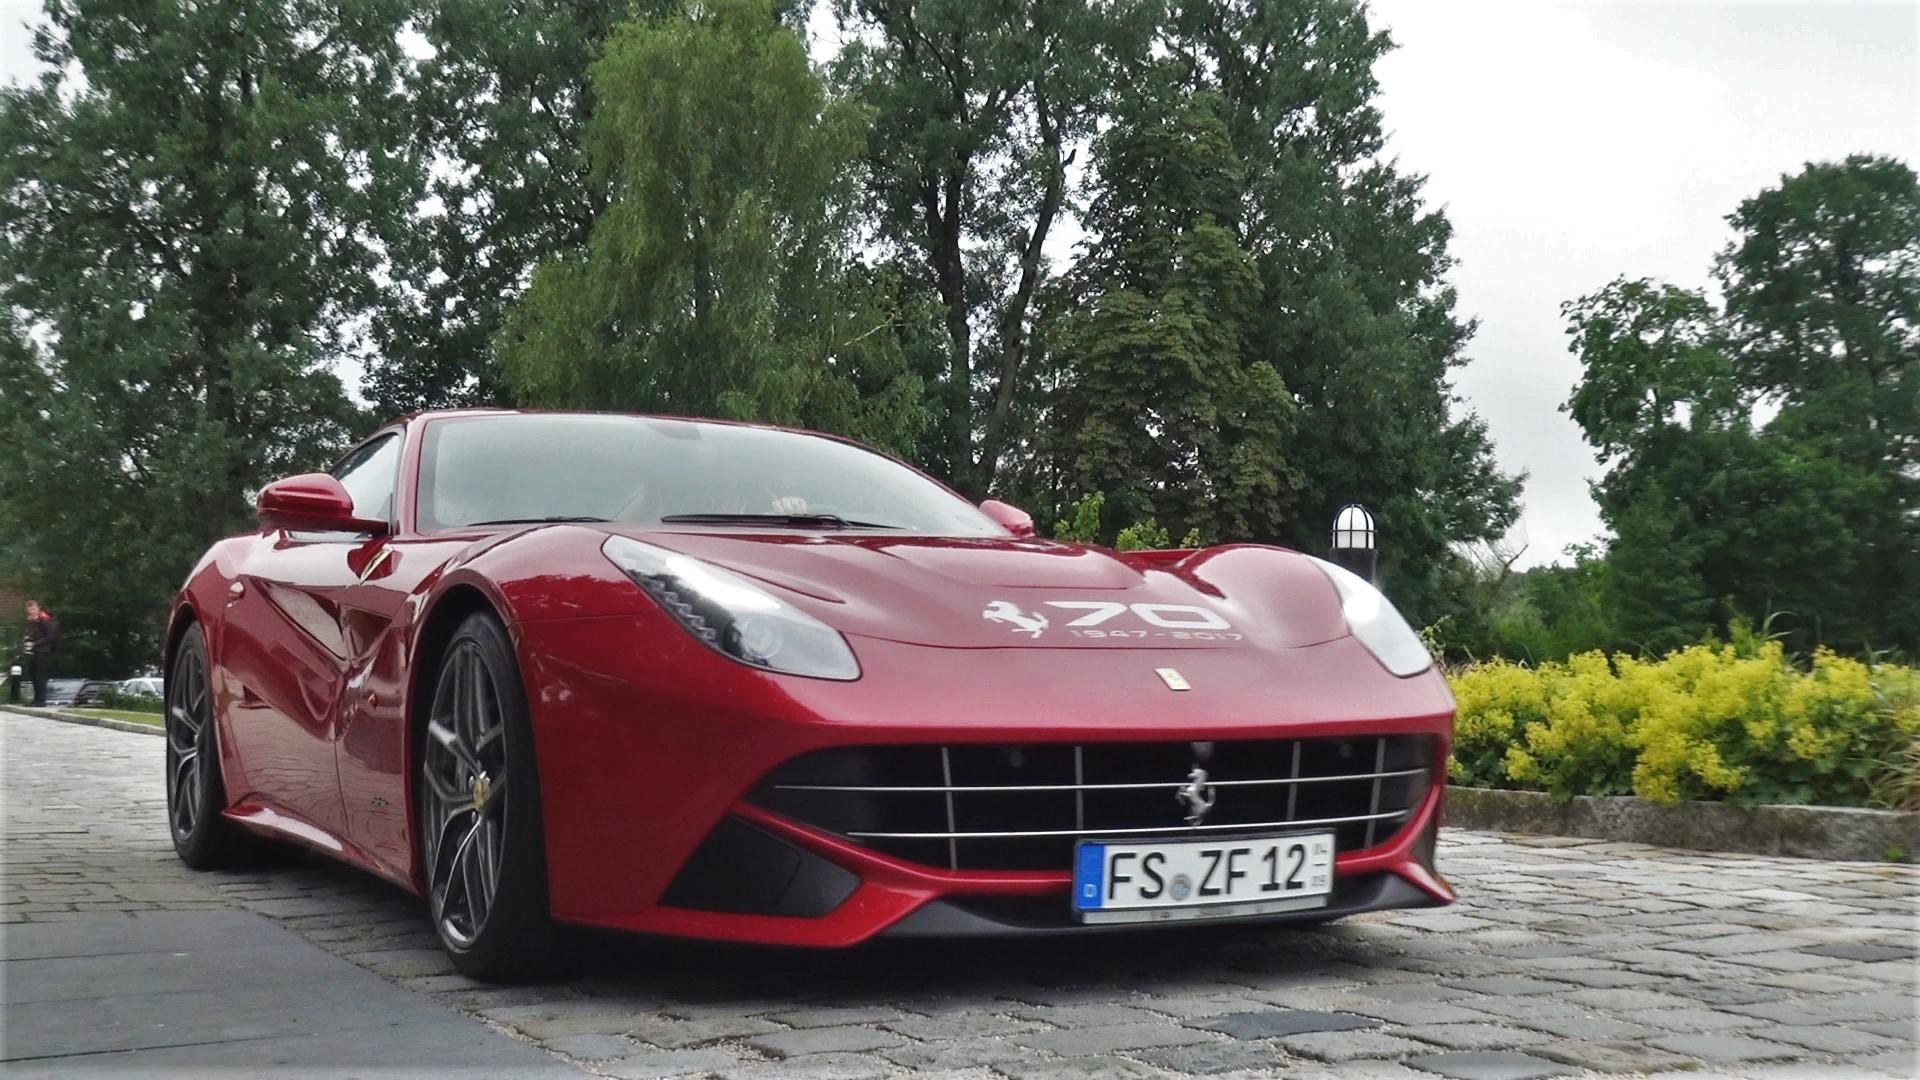 Ferrari F12 Berlinetta - FS-ZF-12